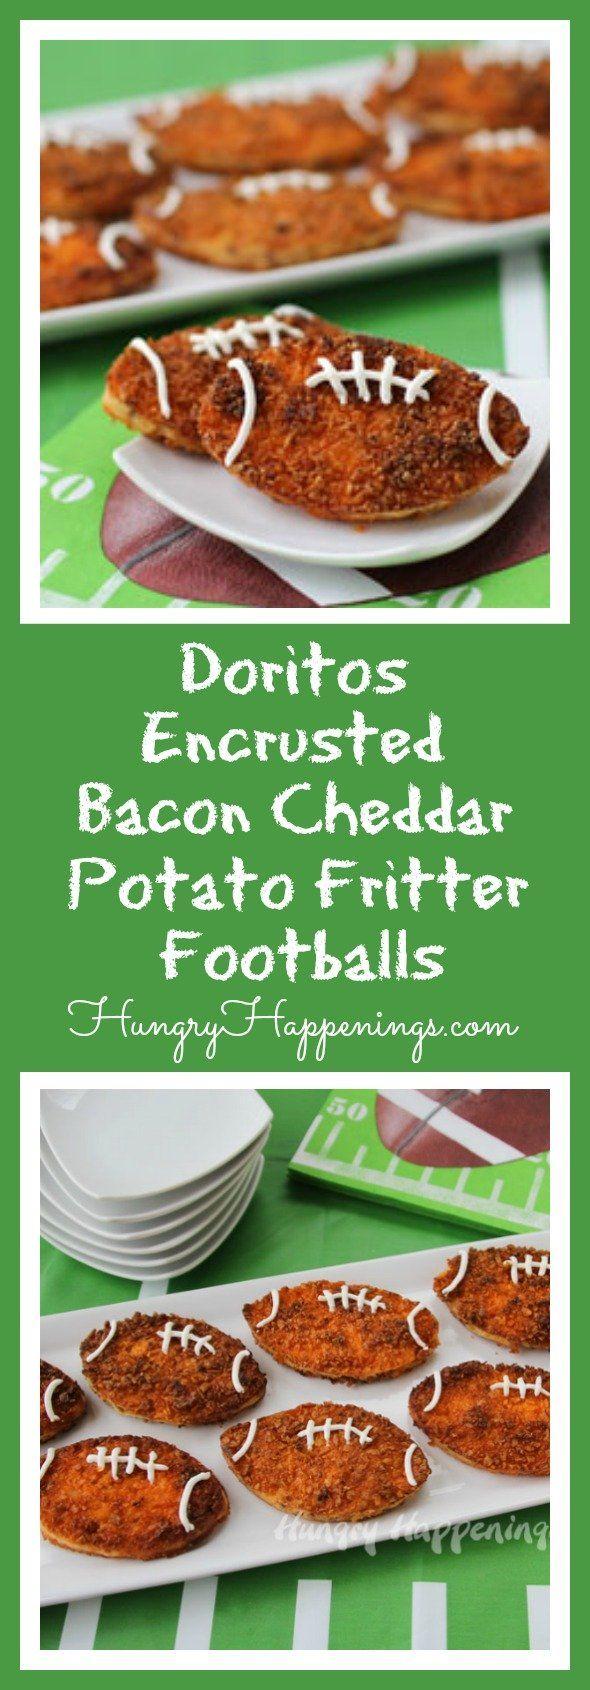 Doritos Encrusted Bacon Cheddar Potato Fritter Footballs